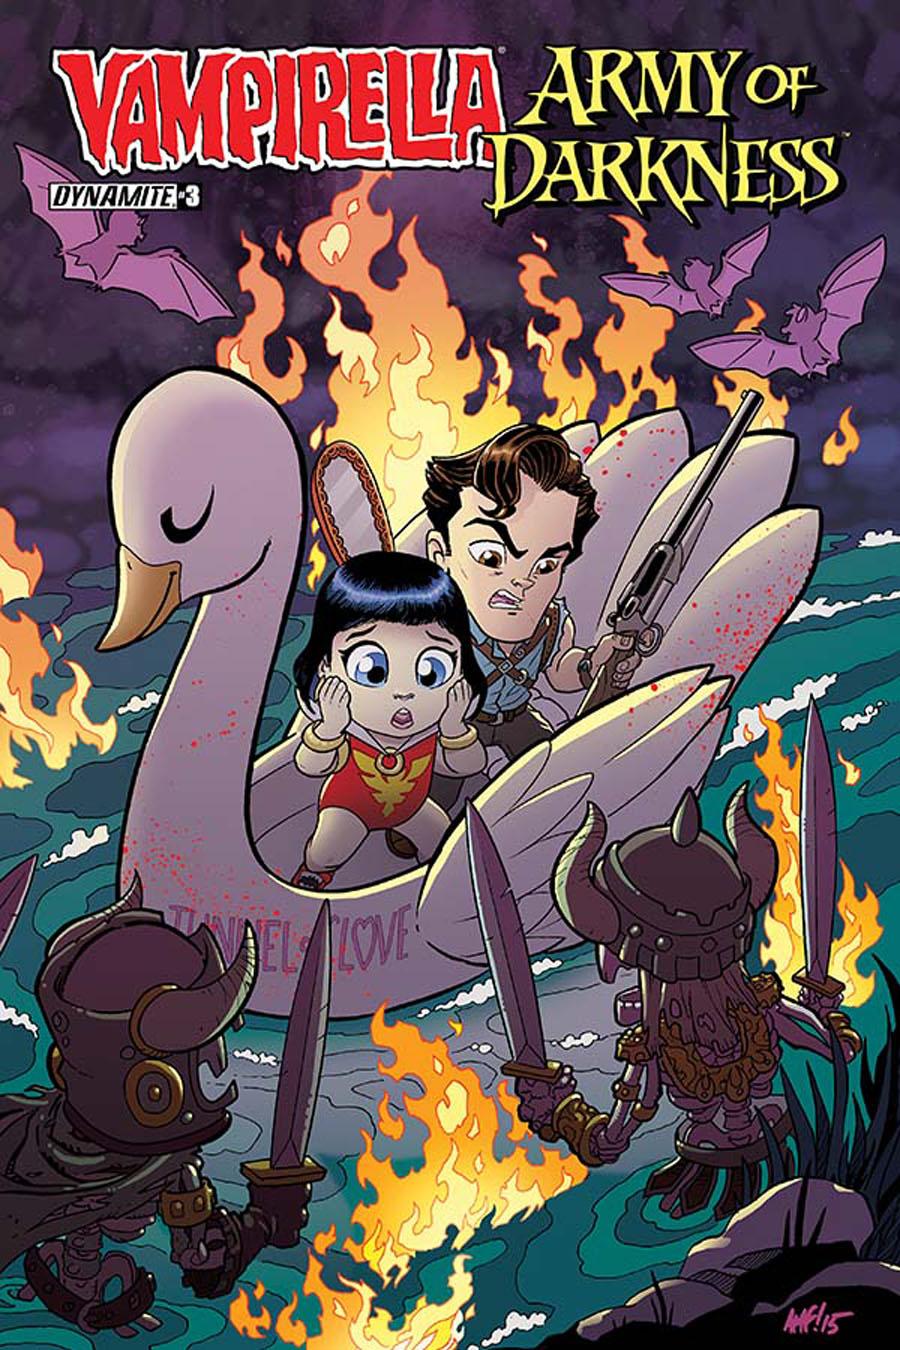 Vampirella Army Of Darkness #3 Cover B Variant Tony Fleecs Subscription Cover